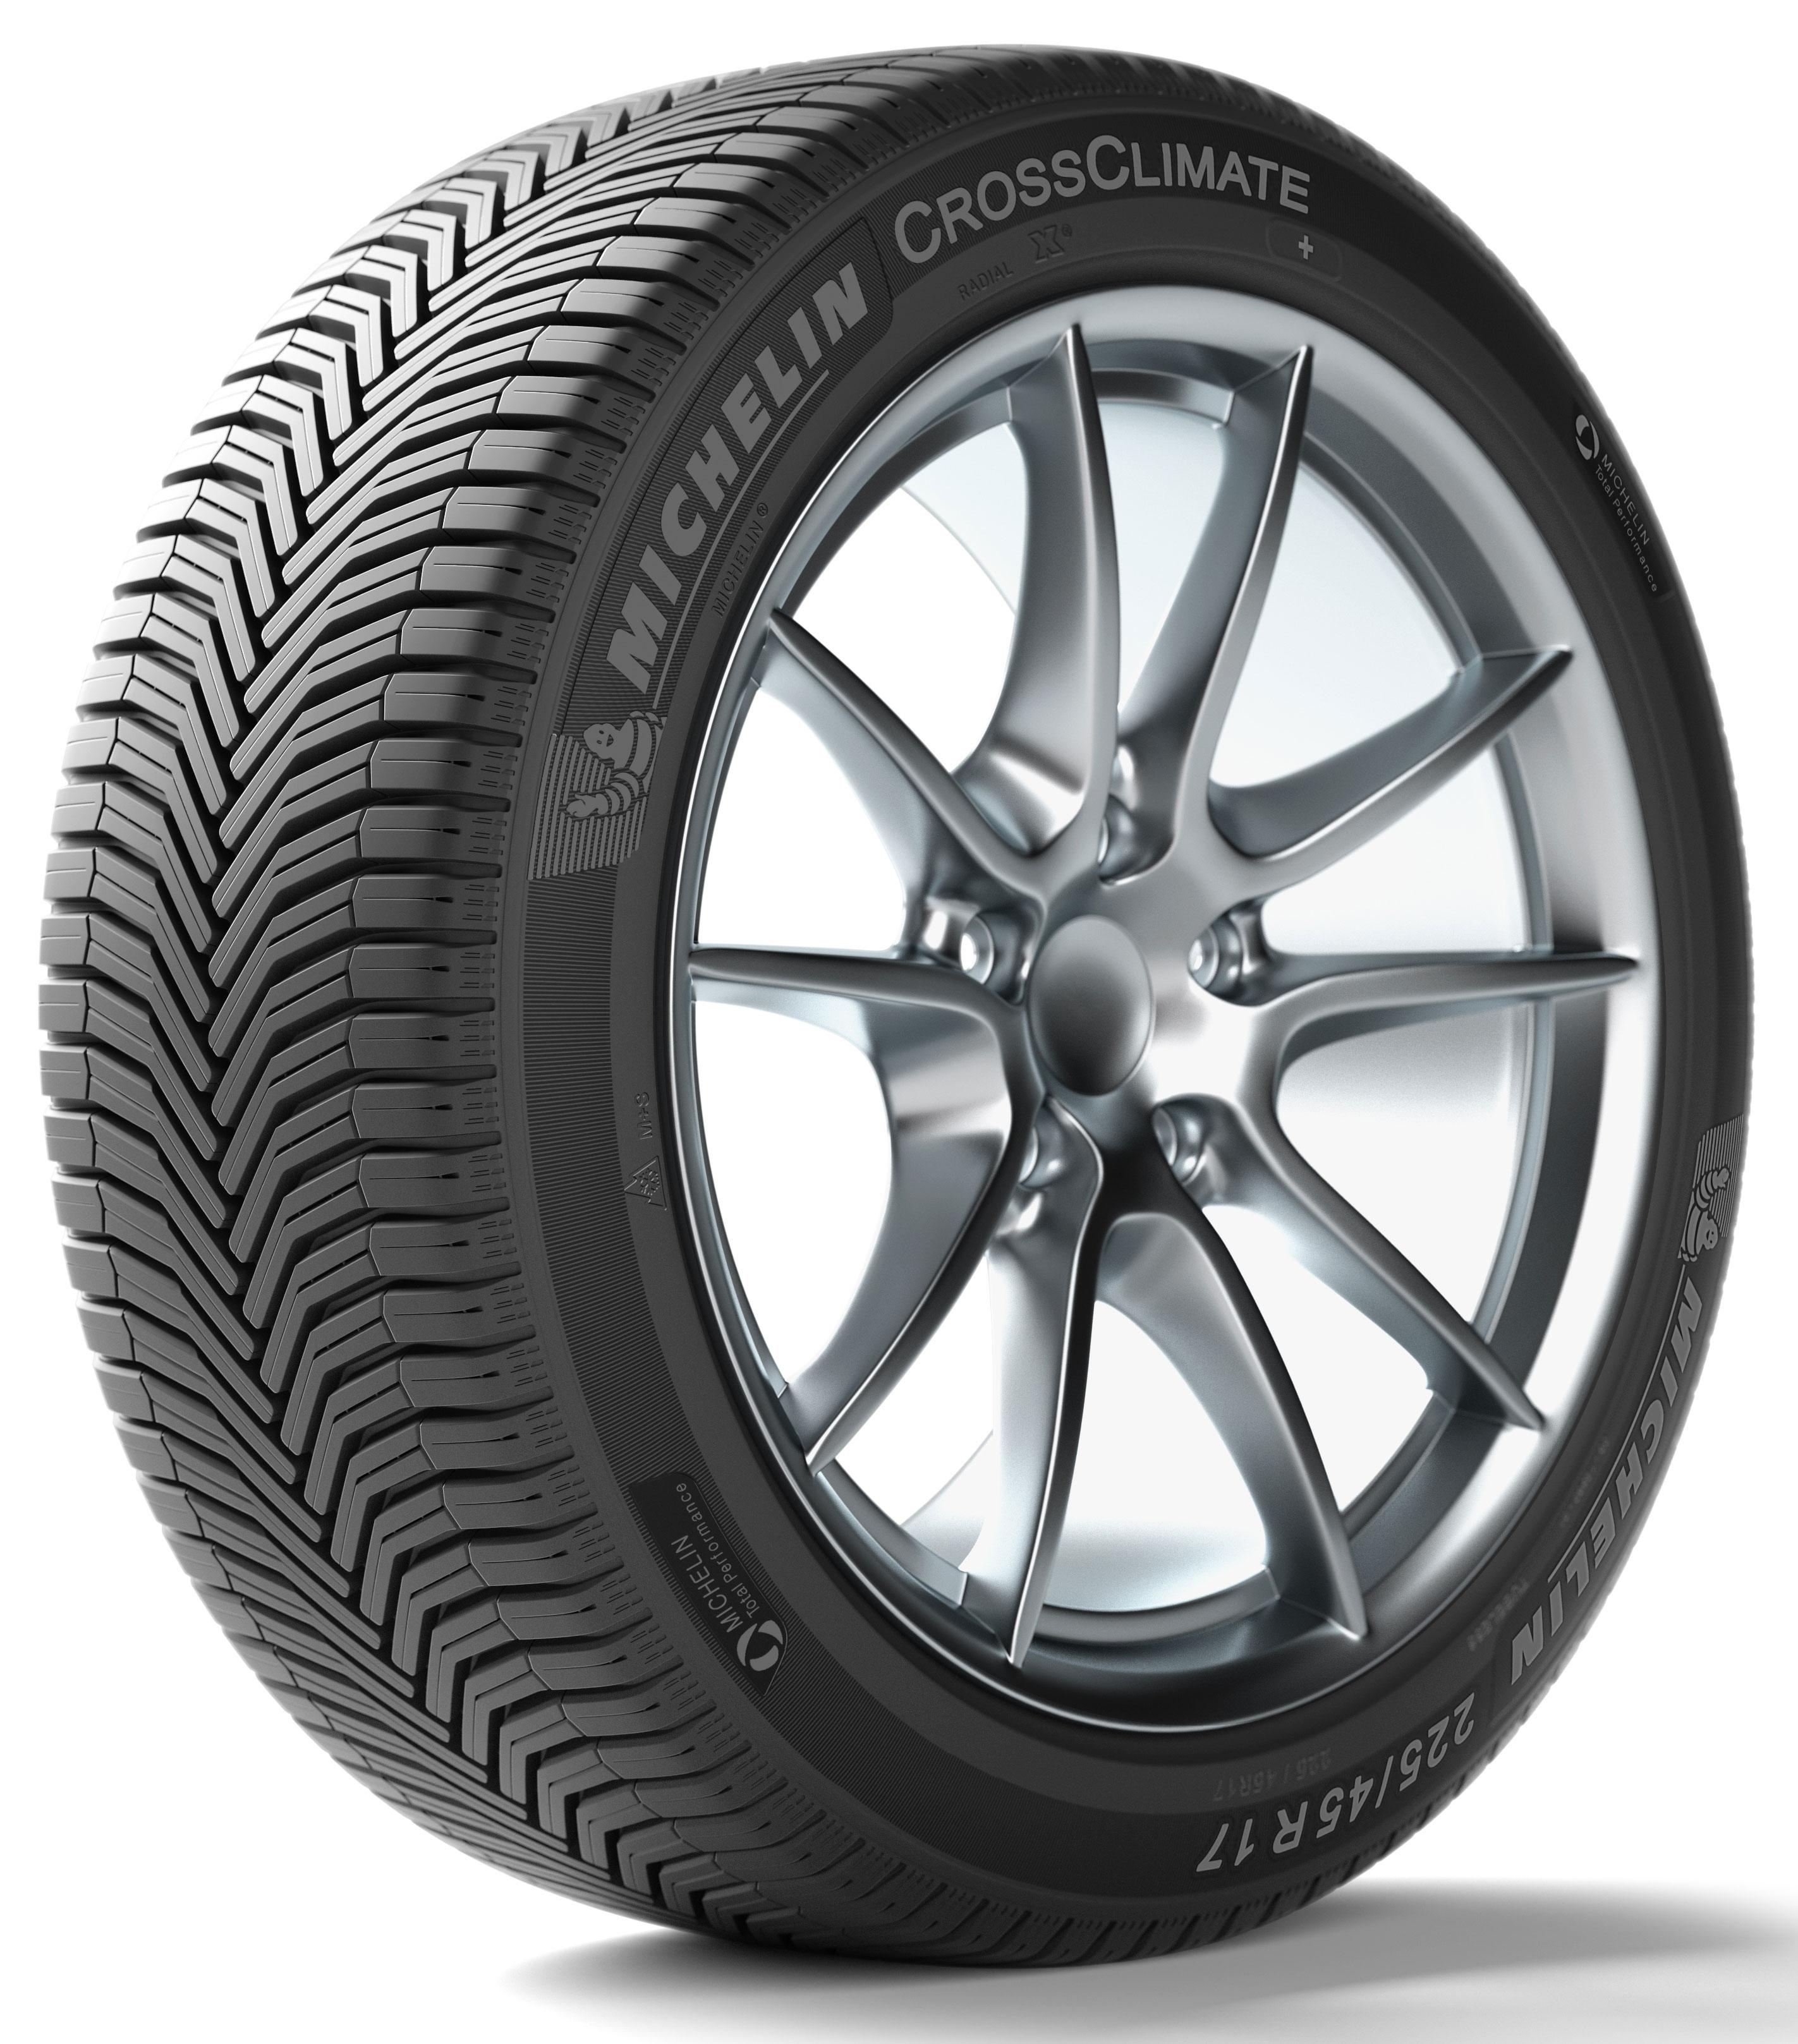 Michelin XL CROSSCLIMATE+ 235/55 R17 103Y négyévszakos gumi